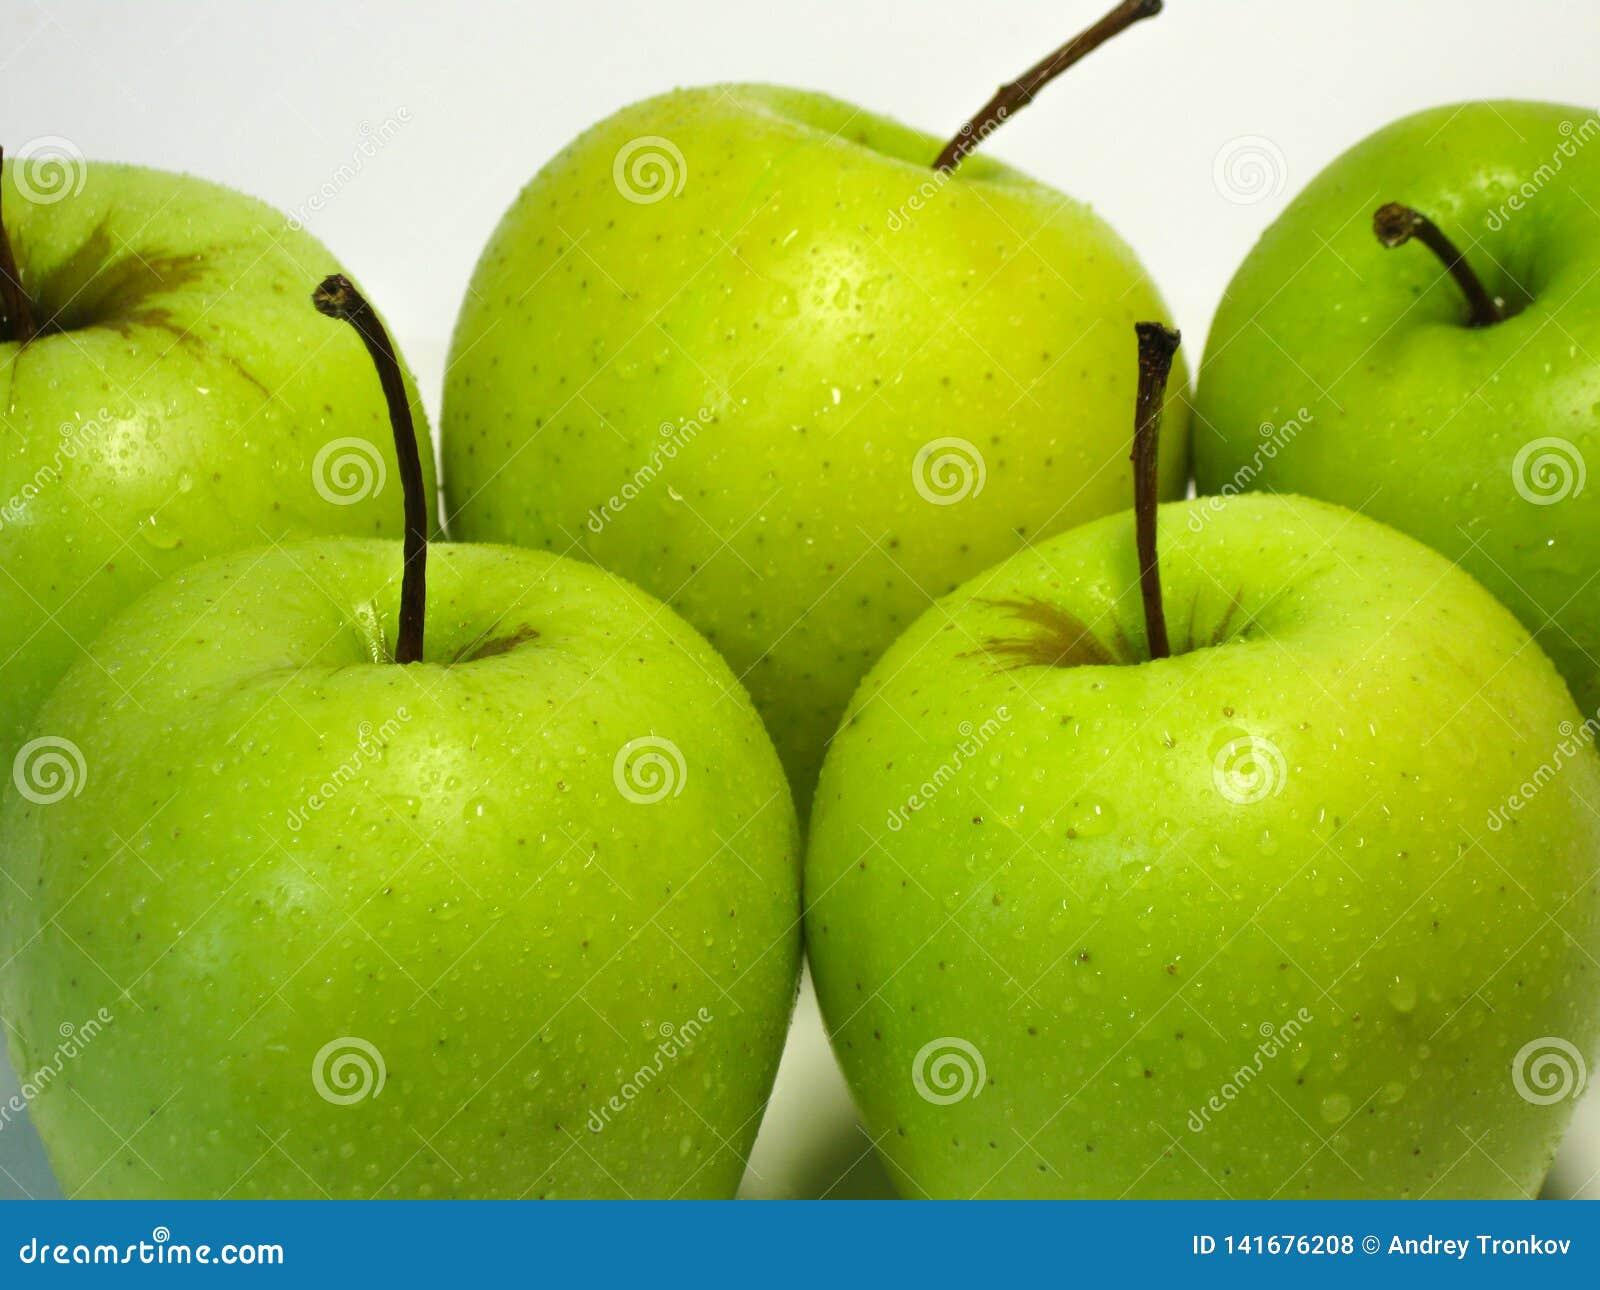 Яблоко плод одно в основной человеческой диете Вкус и преимущества этого доступного плода зарабатывали ему такое extrao